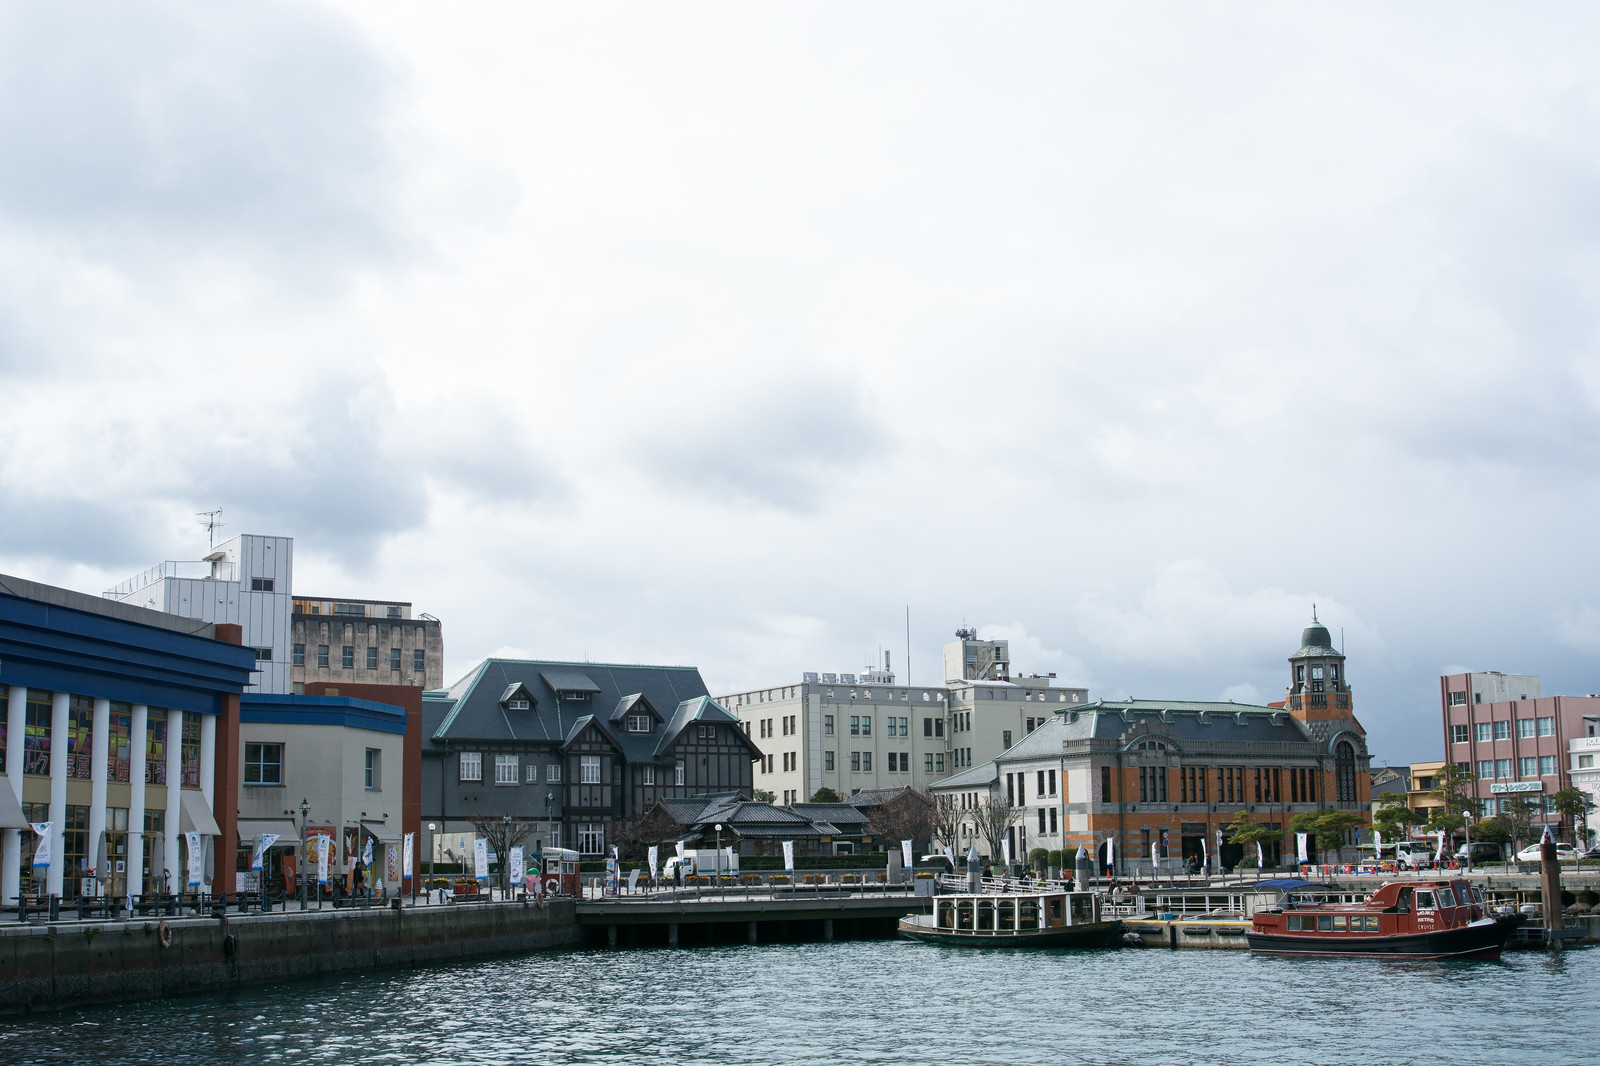 「旧大阪商船、旧門司三井倶楽部、旧JR九州本社ビルなどを眺める」の写真